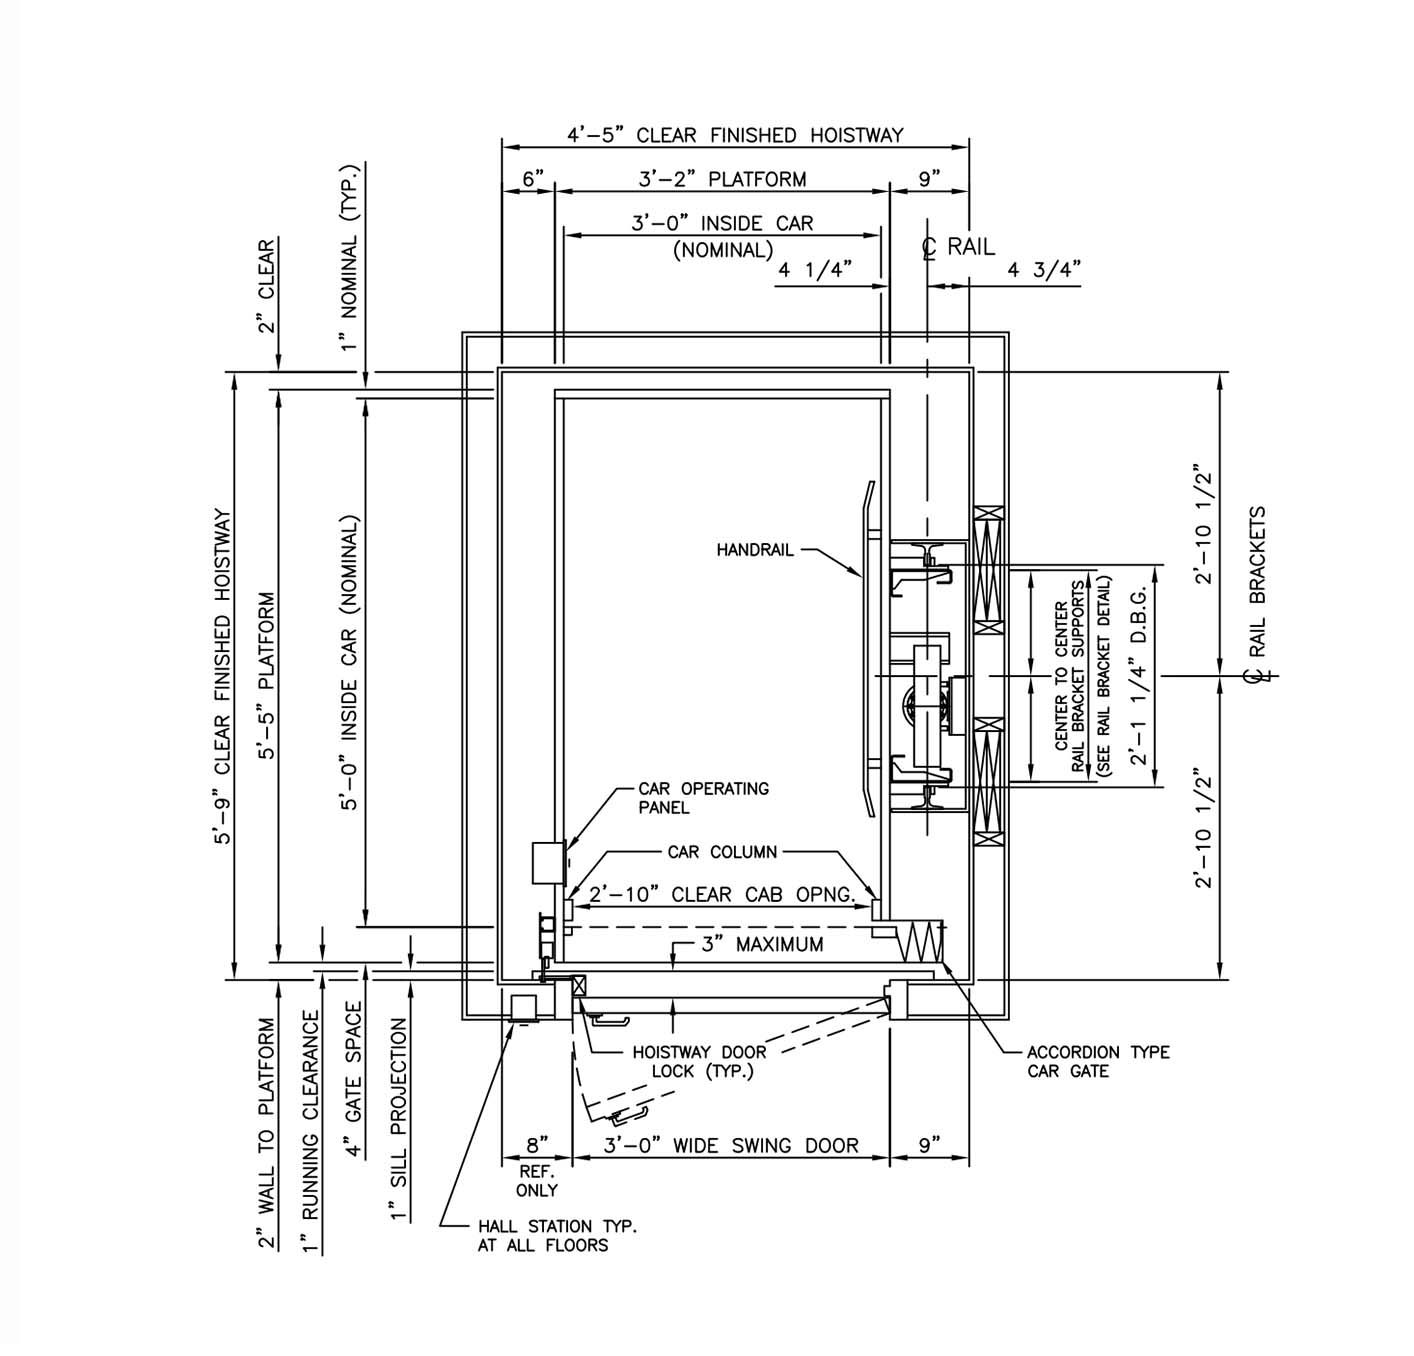 Hydraulic Drawings | Custom Elevator